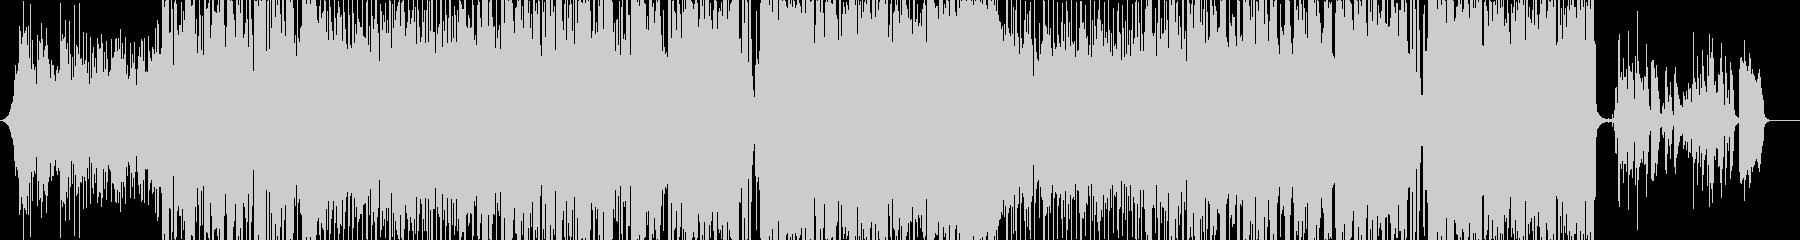 和風ダブステップの女性ボーカル曲の未再生の波形